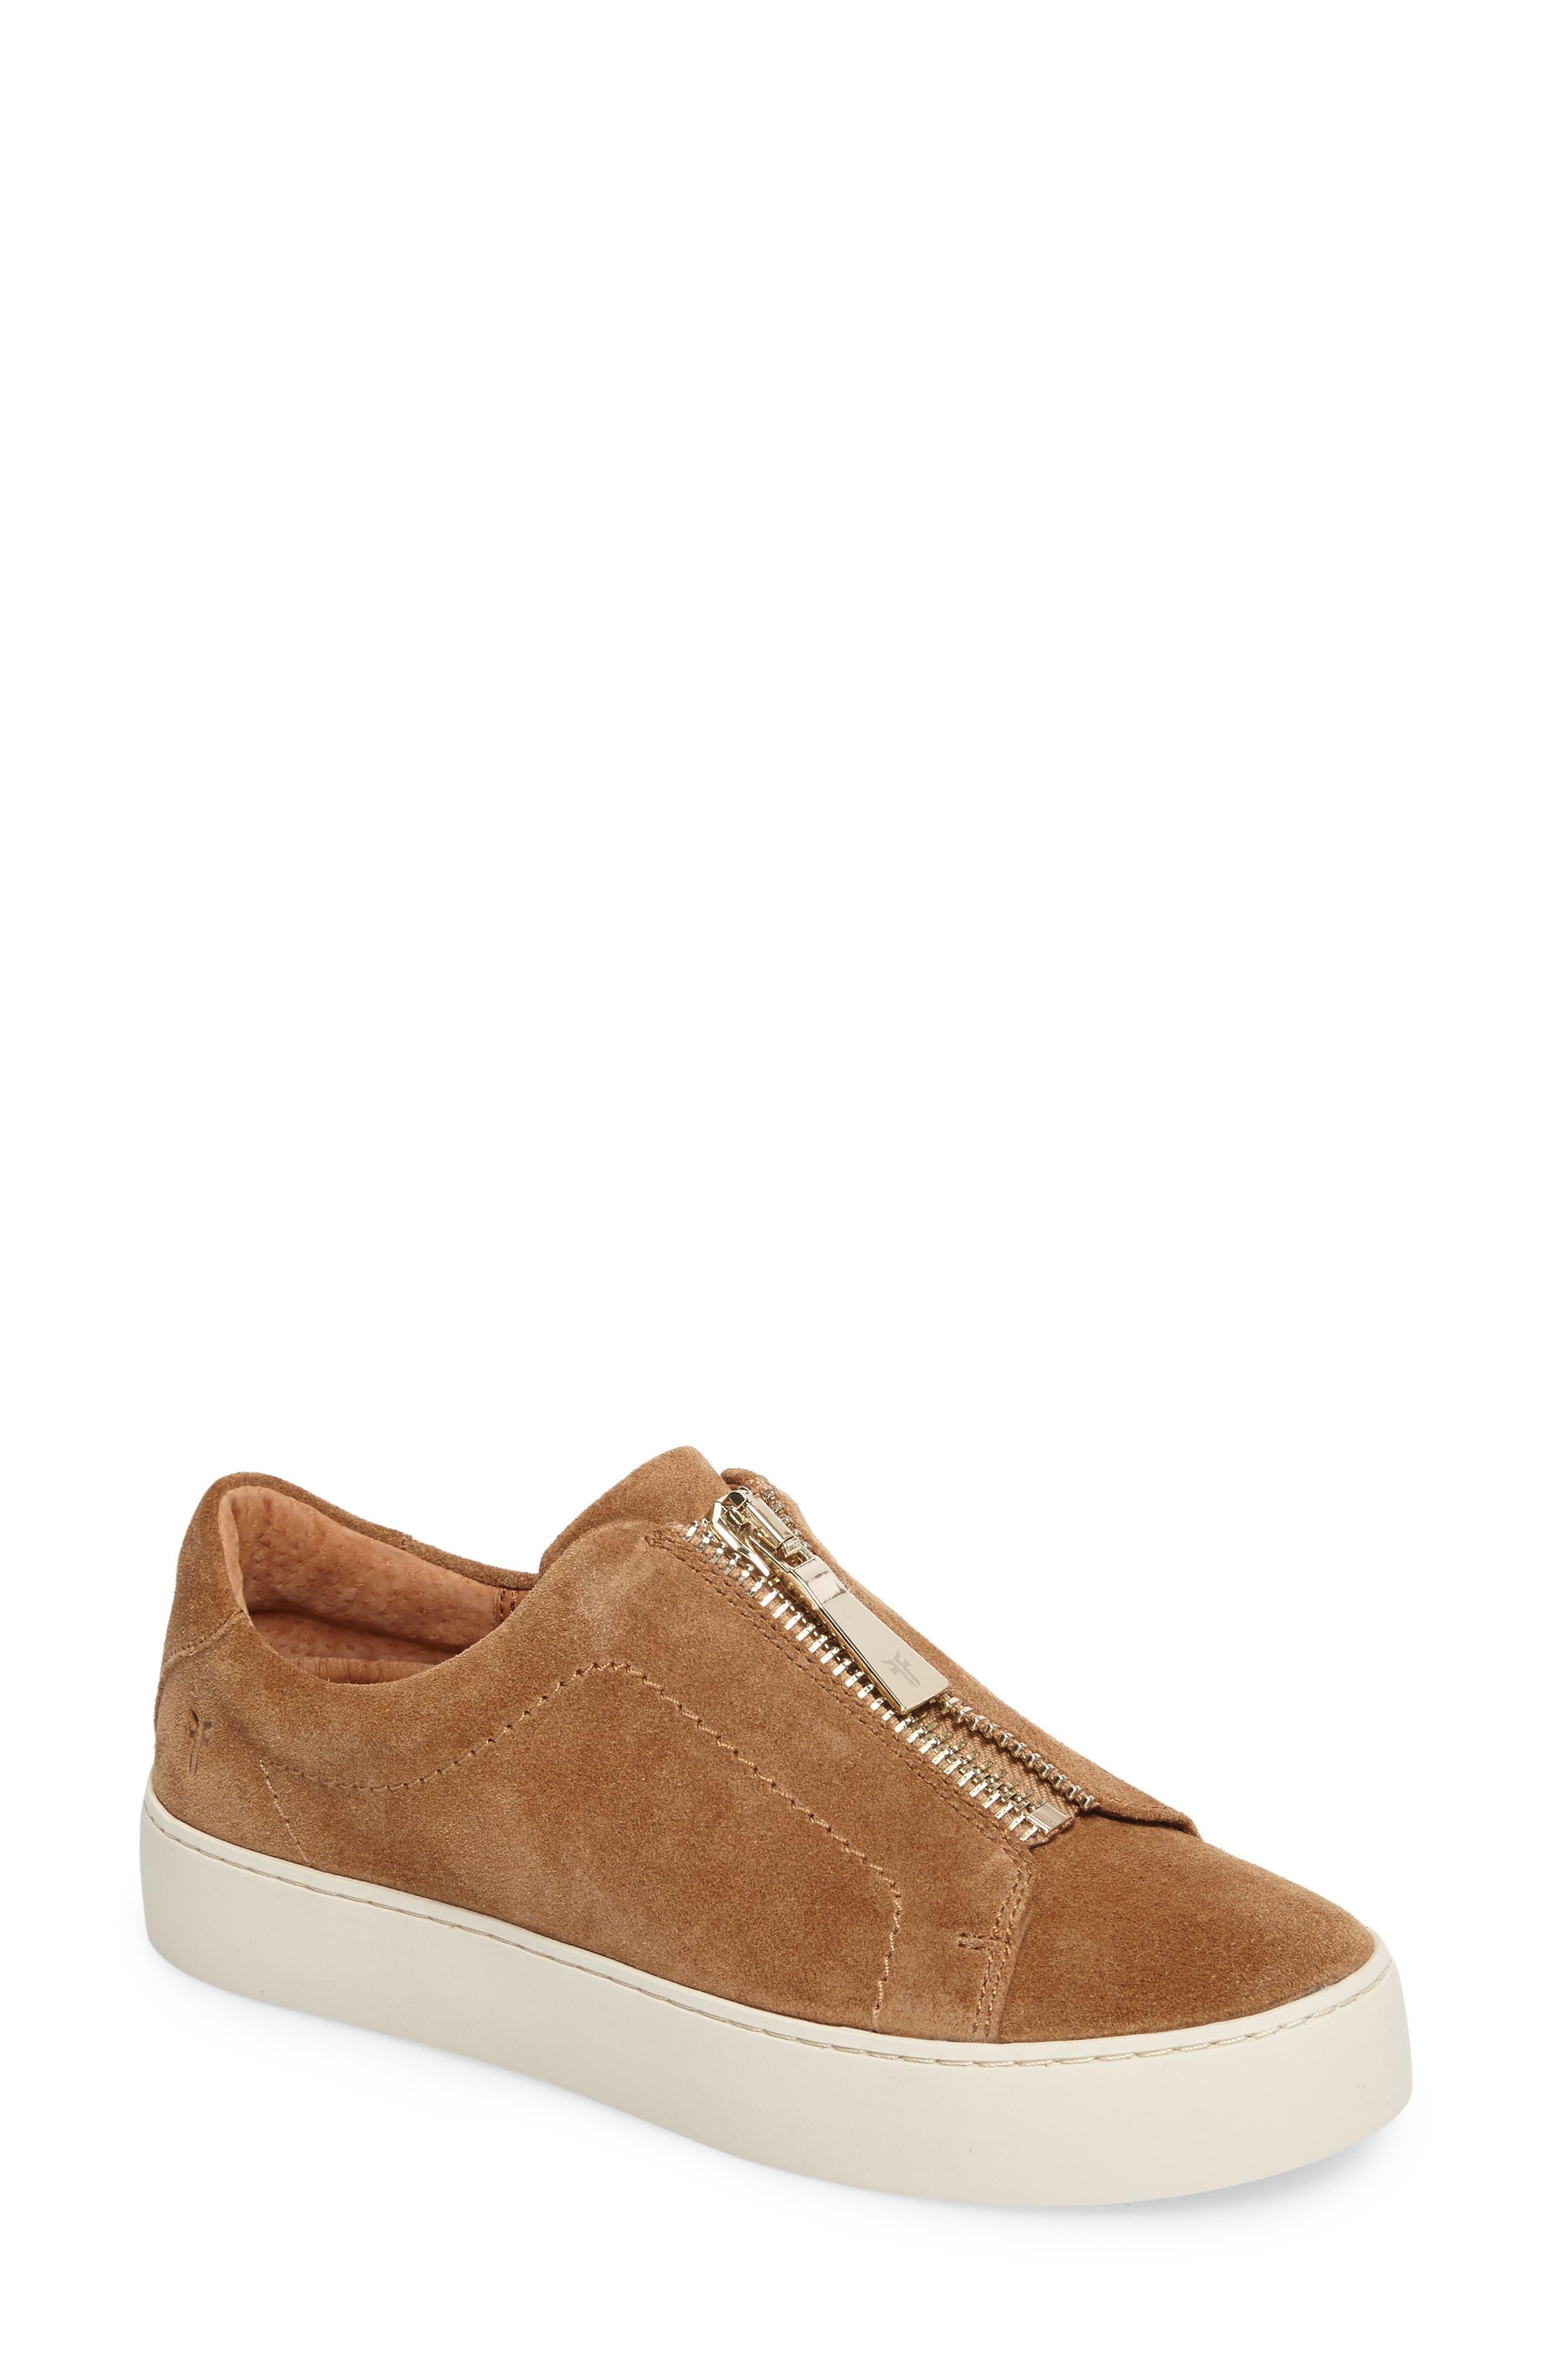 Lena Zip Platform Sneaker,                             Main thumbnail 1, color,                             Tan